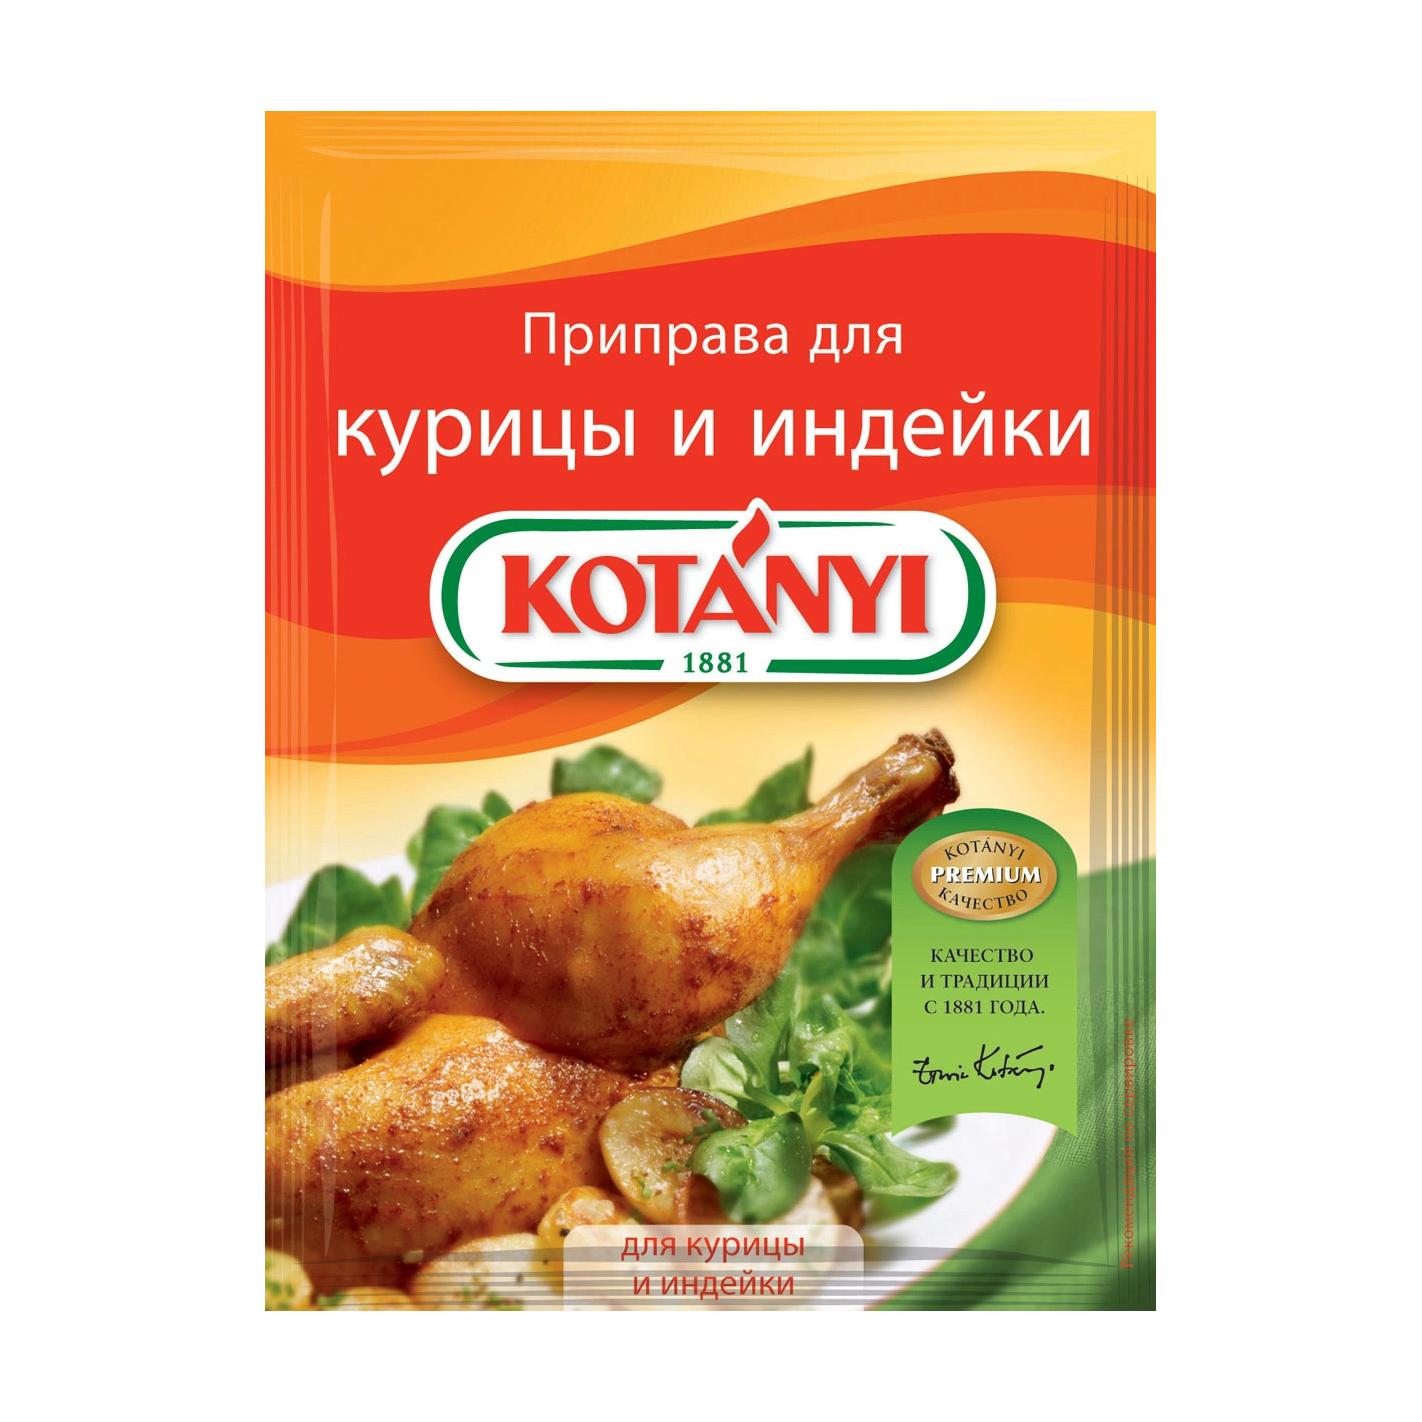 Приправа Kotanyi для курицы и индейки 30 г